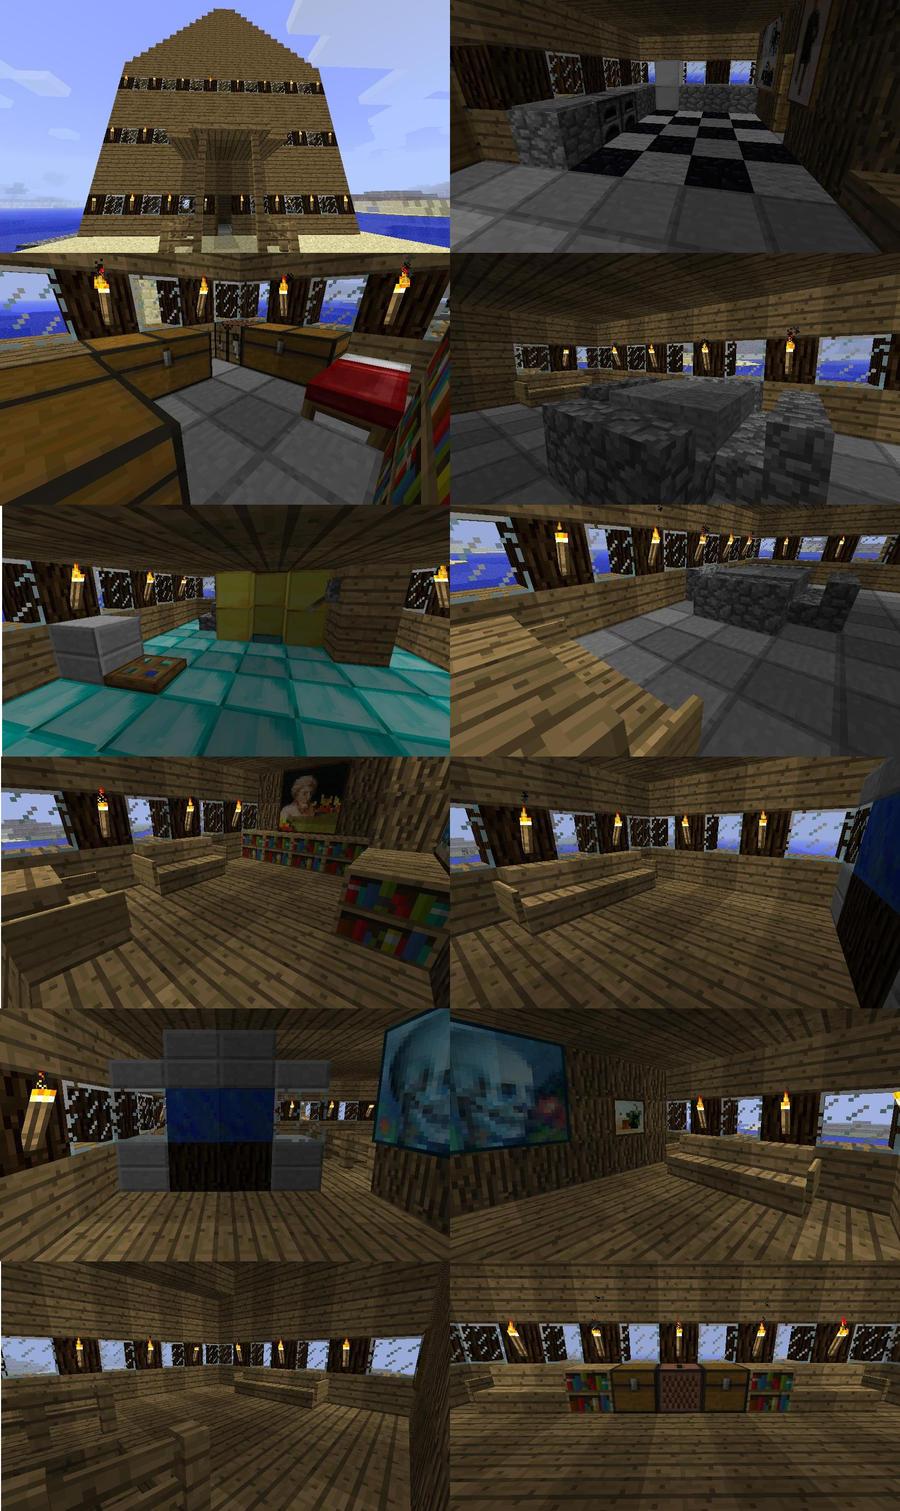 Beach house designs minecraft for Beach house designs minecraft